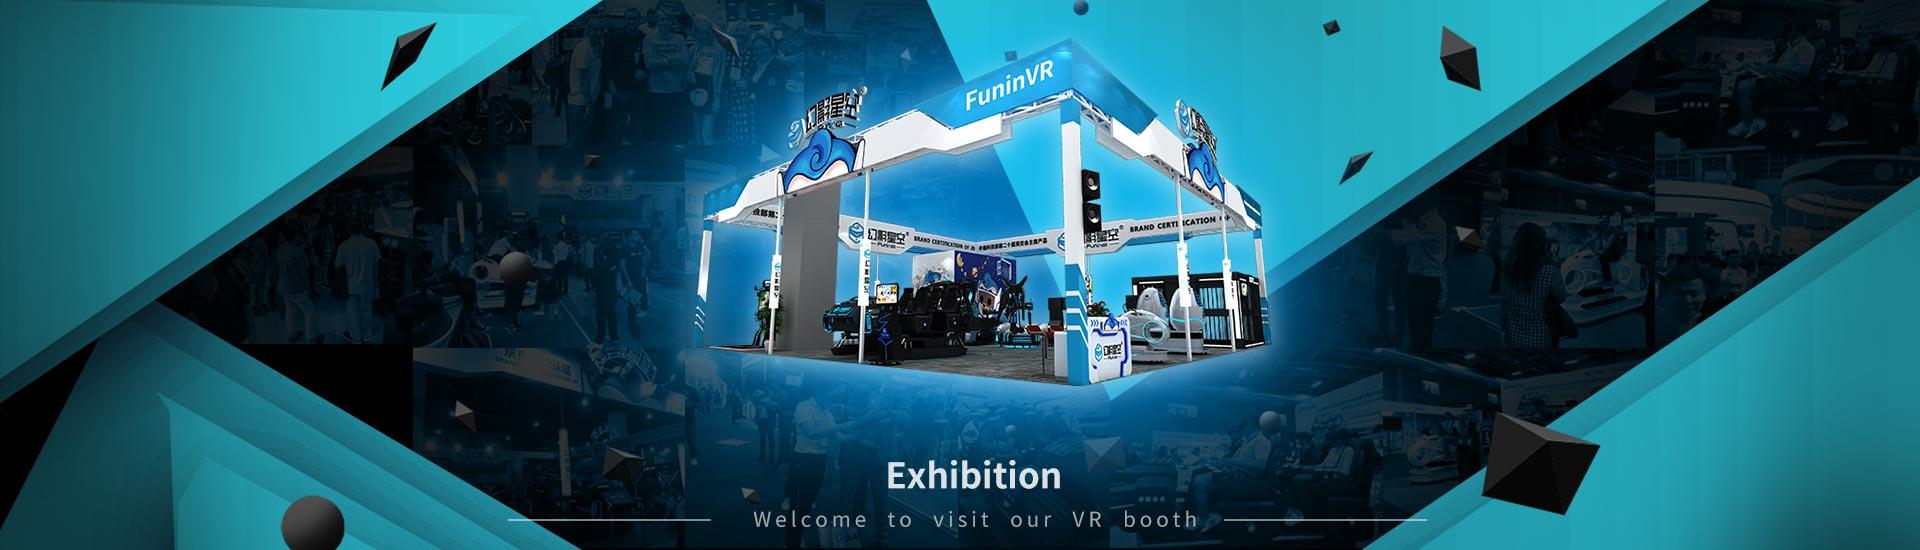 FuninVR Gran espectáculo en Asia Feria VR&AR del 10 al 12 de mayo de 2021